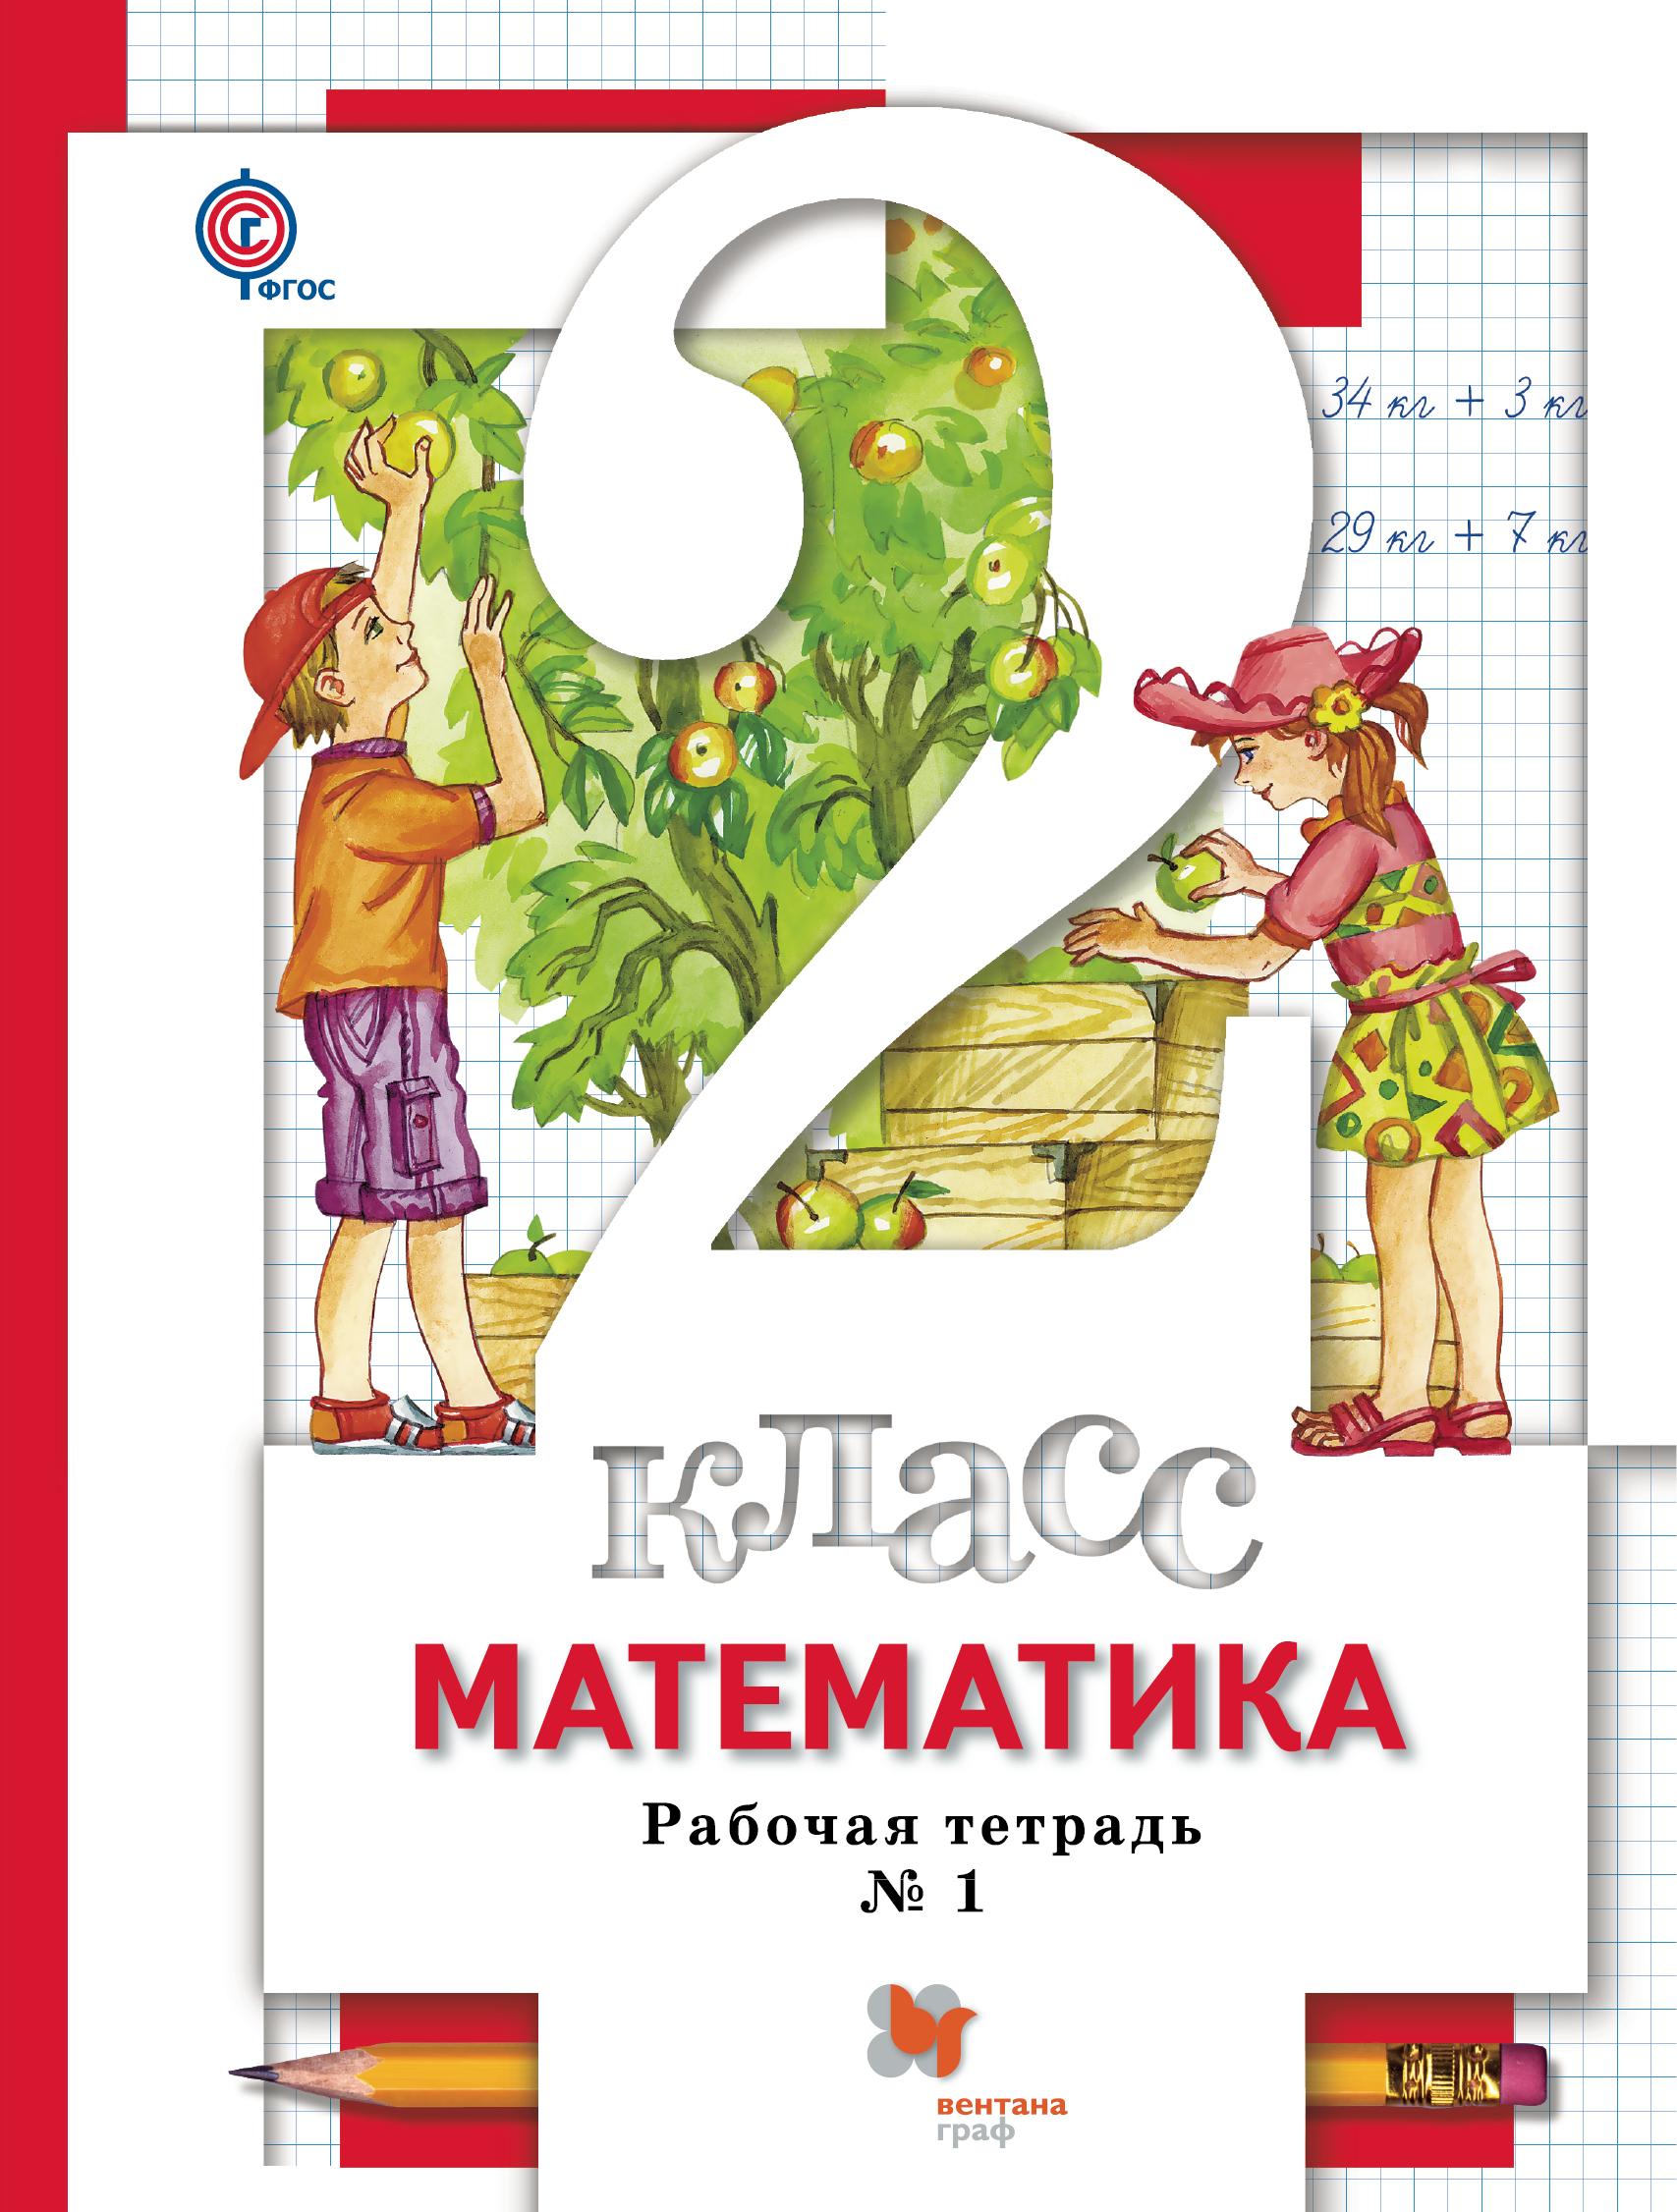 С. С. Минаева, Е. Н. Зяблова Математика. 2класс. Рабочая тетрадь №1 минаева с зяблова е математика 2 класс рабочая тетрадь 2